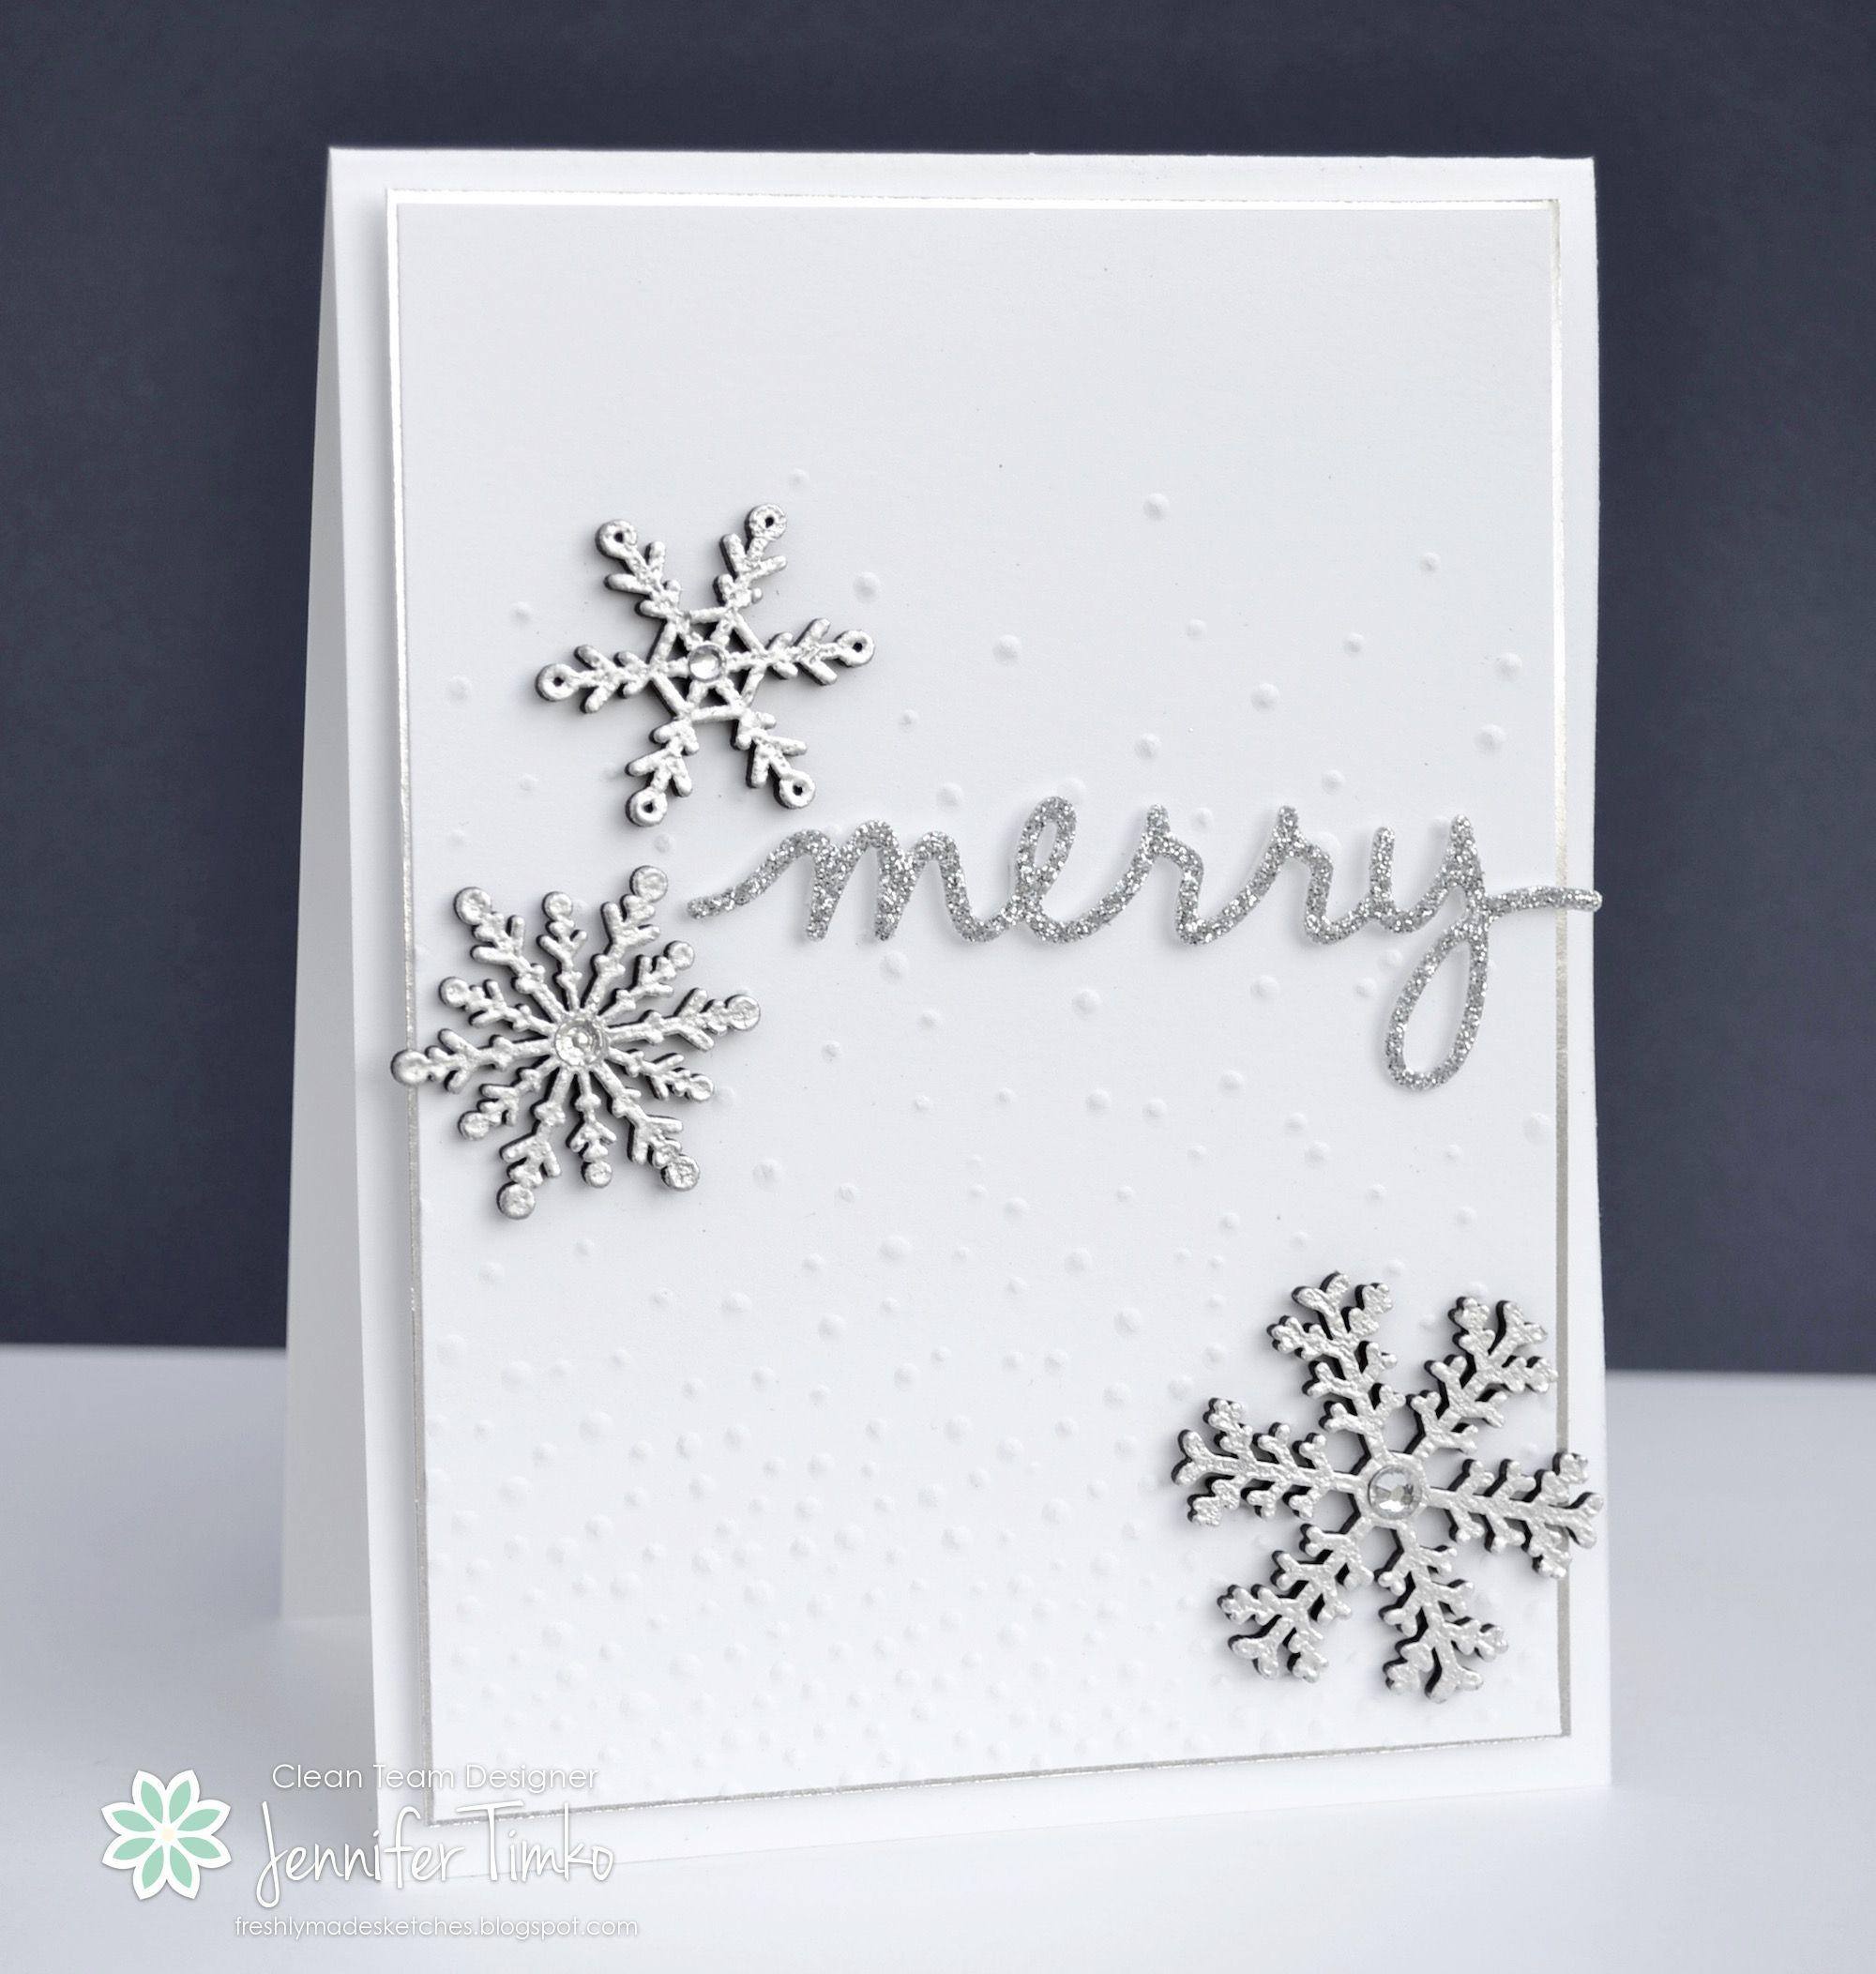 Christmas Greetings Thinlits Dies and embossed snowflake wooden elements